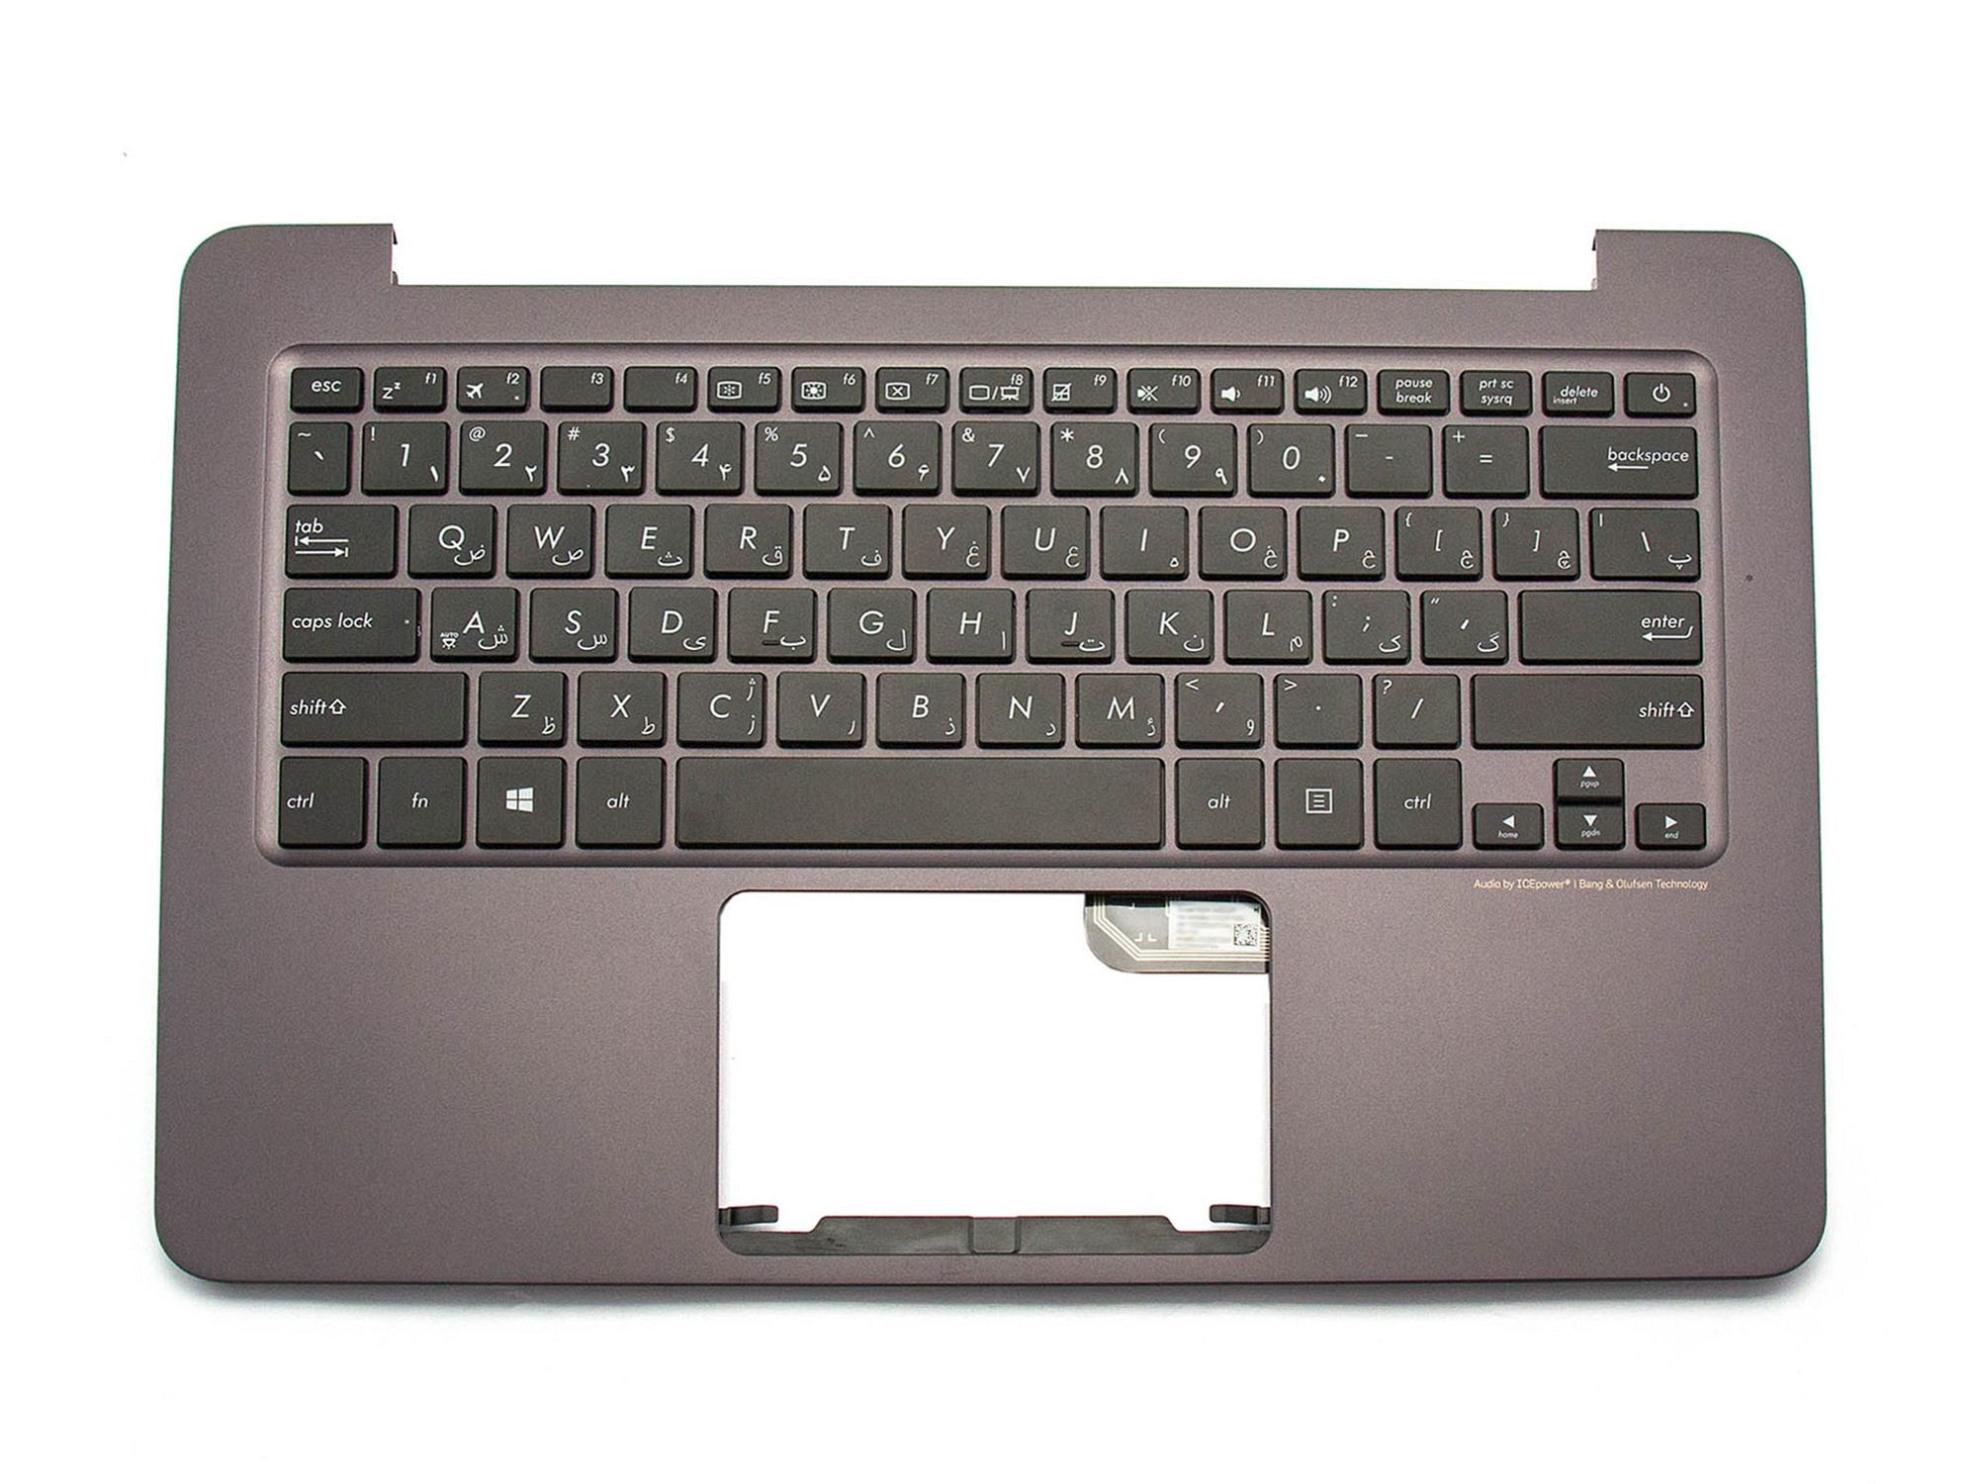 Asus NSK-WB20P Tastatur inkl. Topcase FS (persisch) schwarz/anthrazit Original